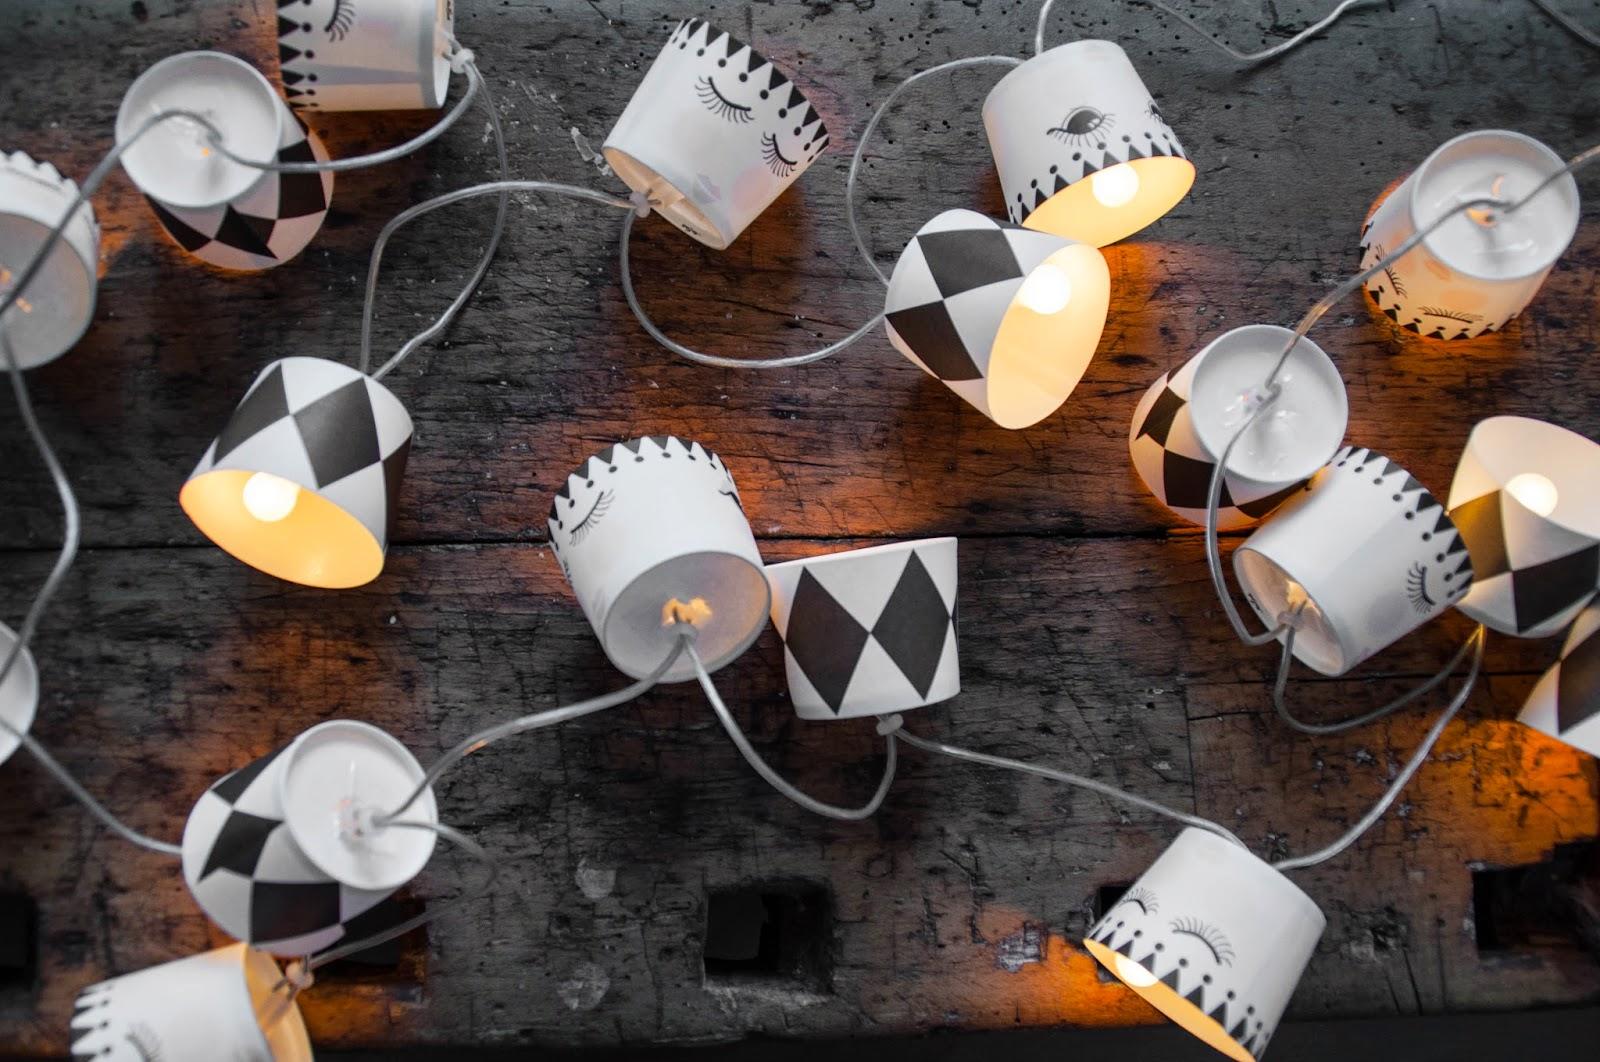 diy lichterkette aus cupcake f rmchen dicke w goldmarie. Black Bedroom Furniture Sets. Home Design Ideas